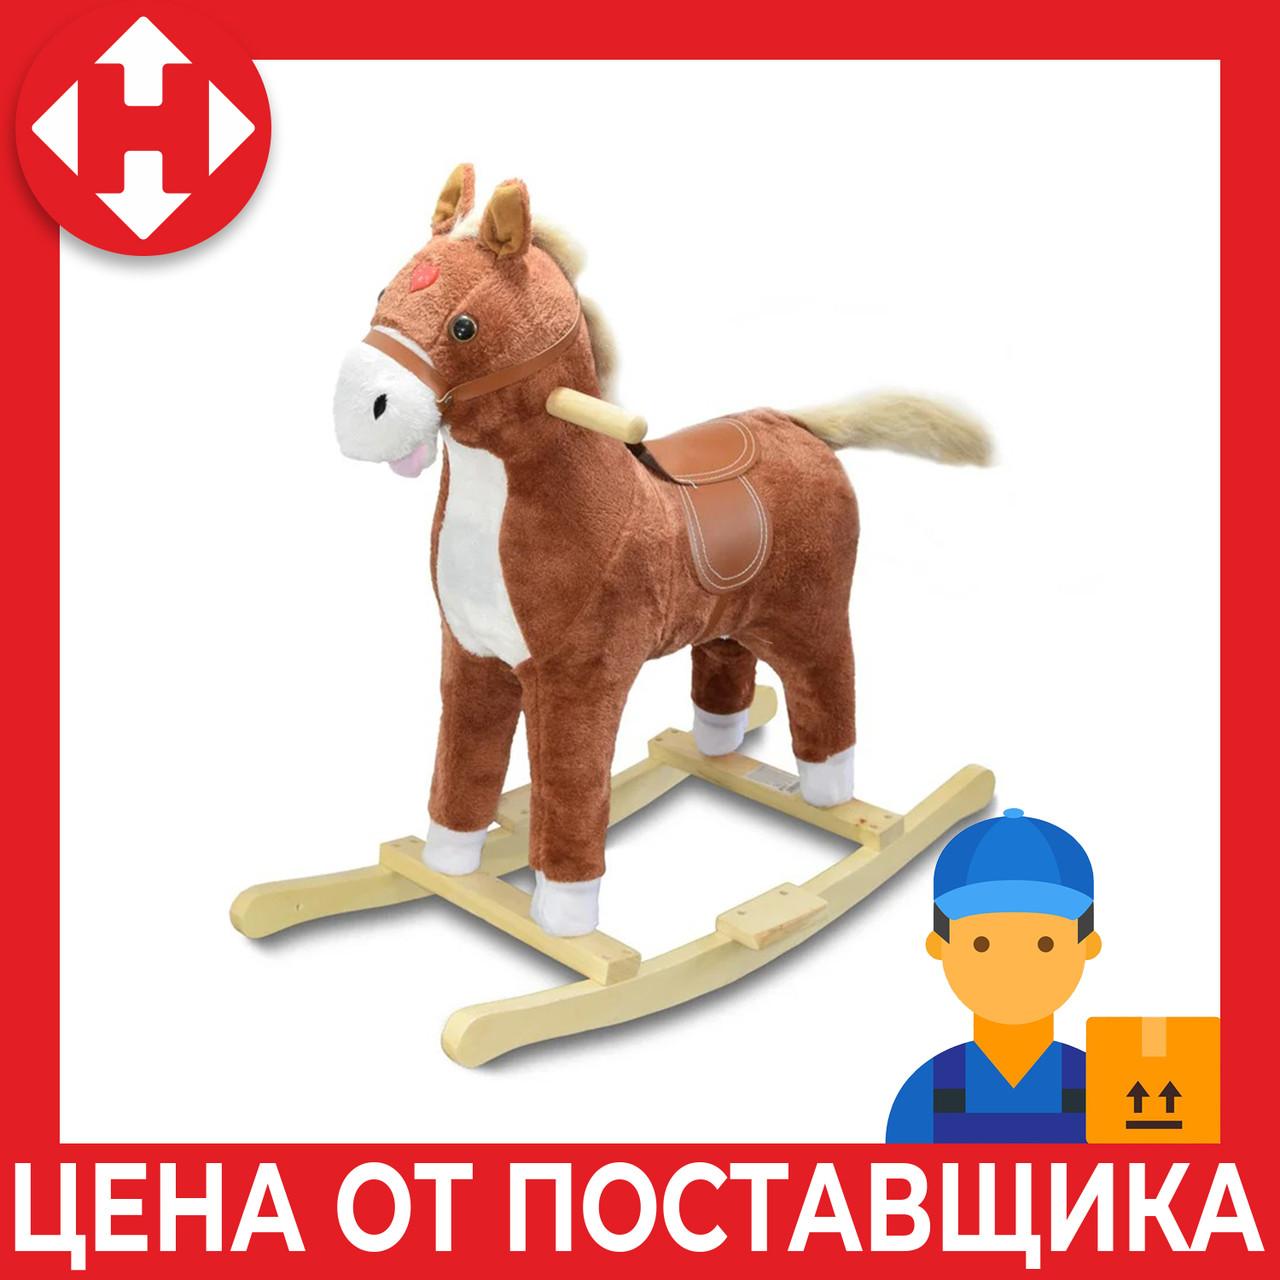 """Музыкальная лошадка качалка детская """"Поющий ковбойский конь"""", Плюшевый, Коричневый (высота - 62 см)"""